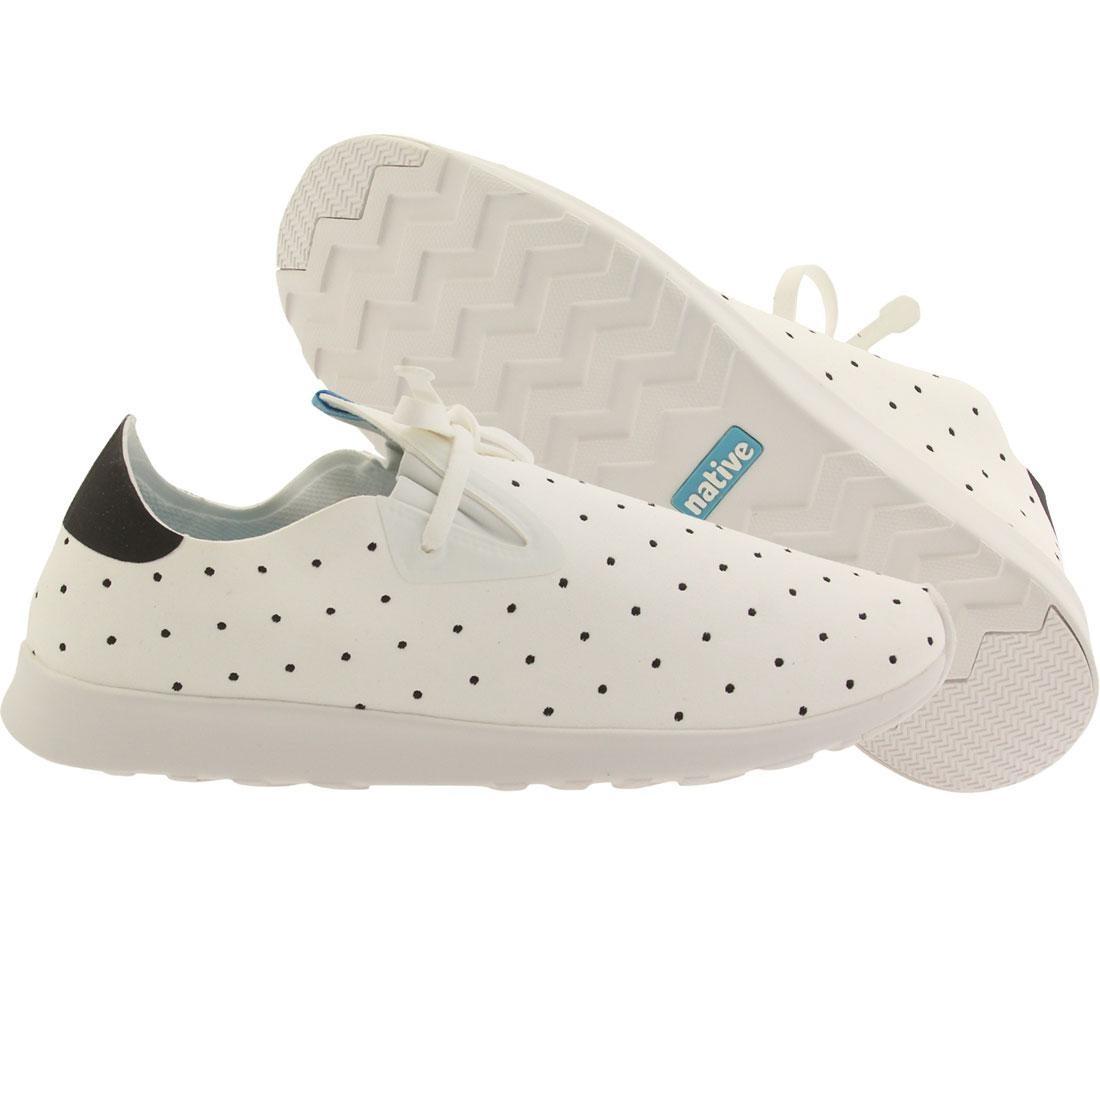 【海外限定】ネイティブ シェル 白 ホワイト メンズ靴 靴 【 SHELL WHITE NATIVE MEN APOLLO MOC EMBROIDERED POLKA 】